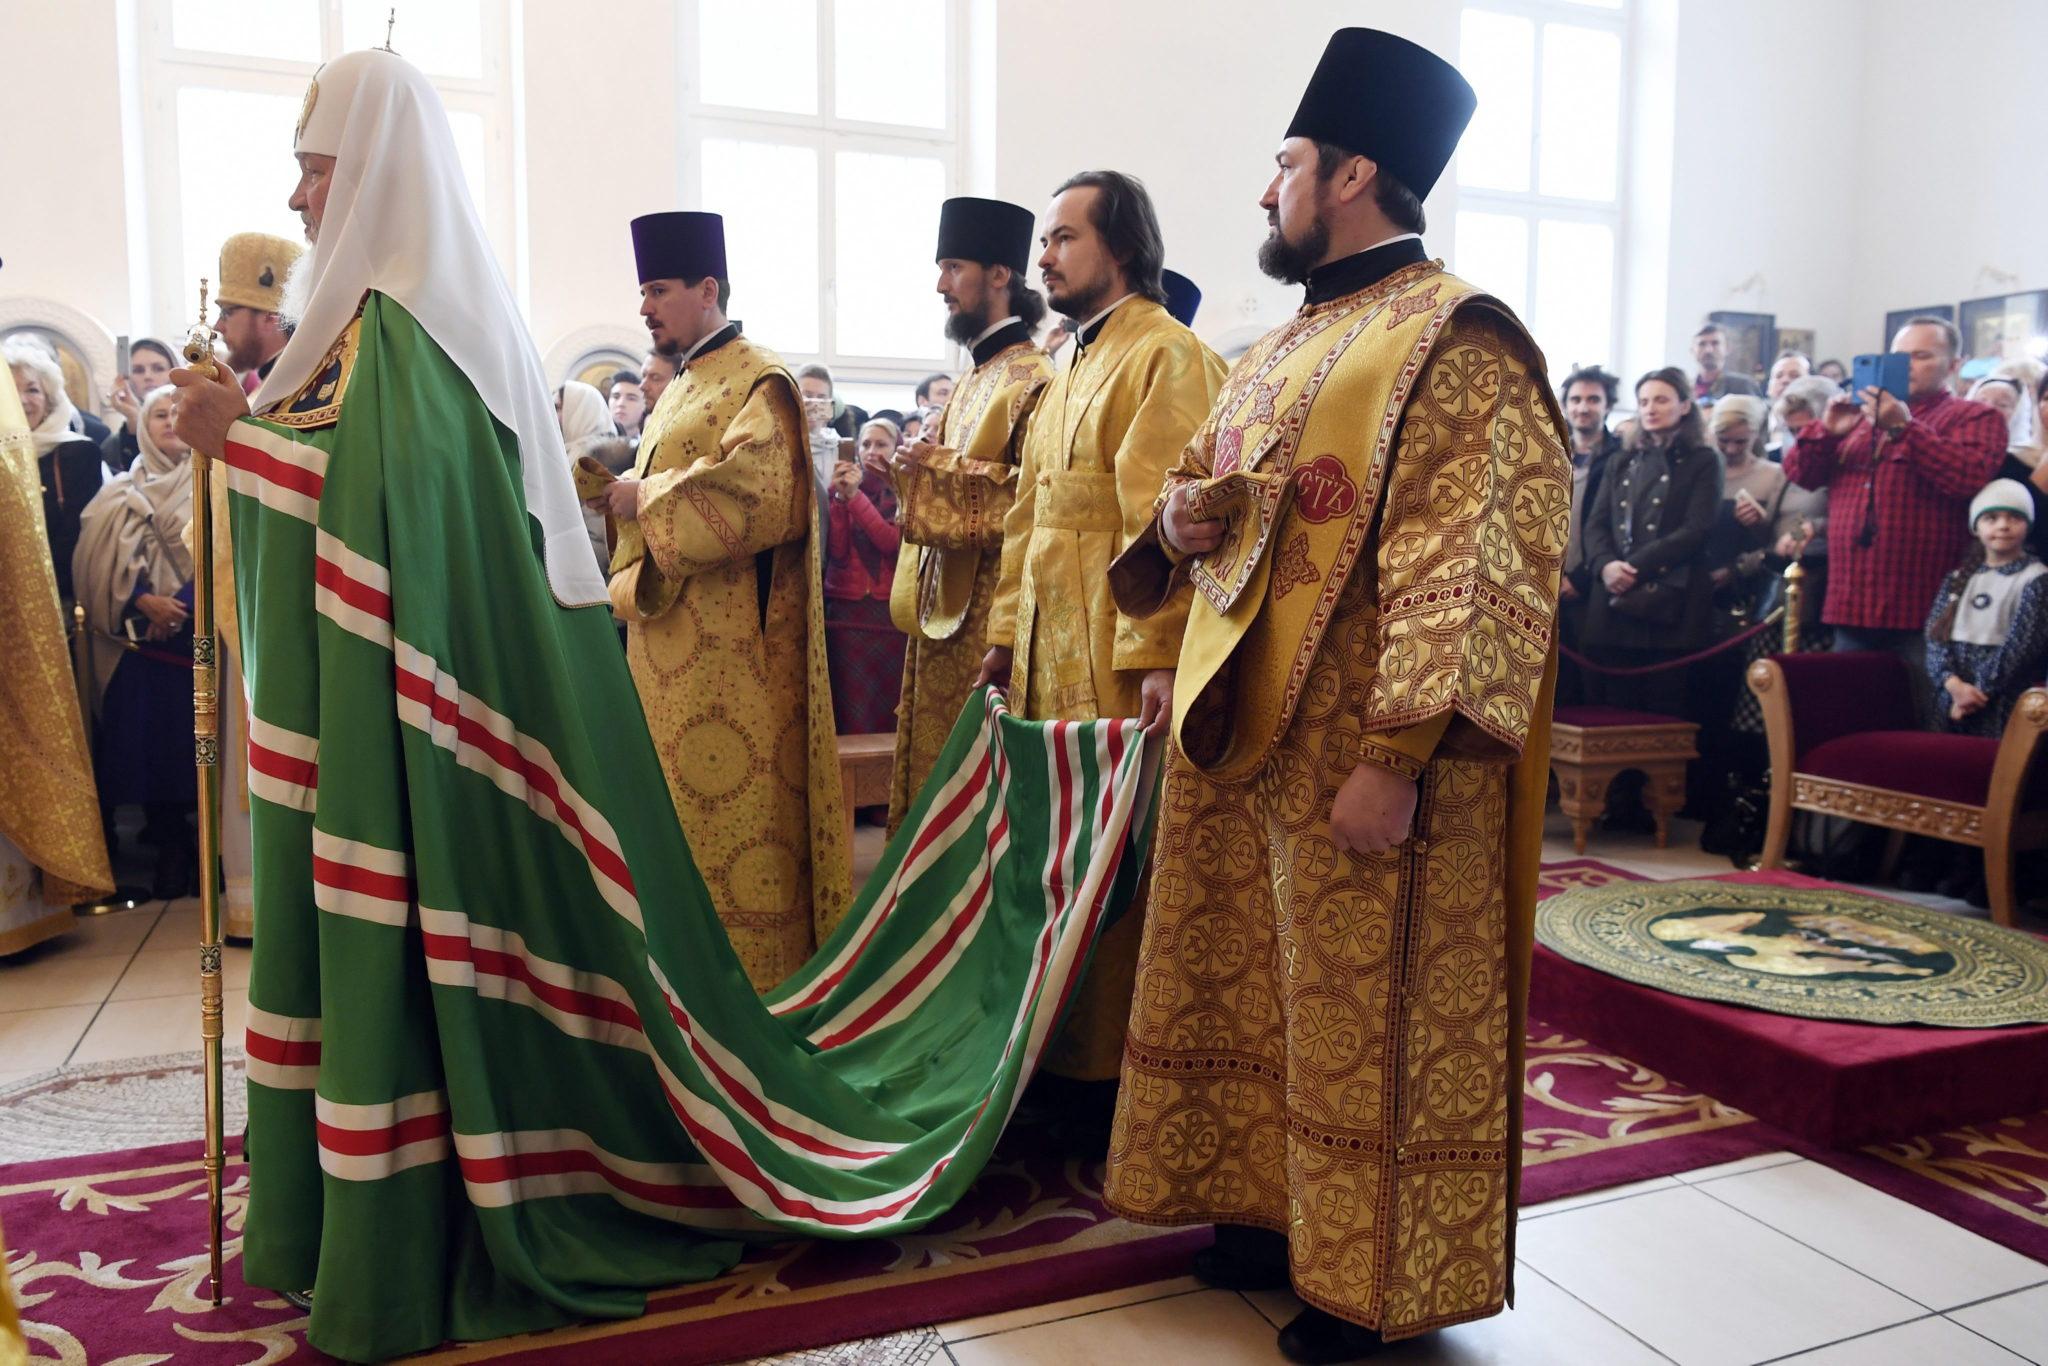 Szwajcaria: wizyta Prawosławnego Patriarchy Moskiewskiego Cyryla (foto. EPA/WALTER BIERI)